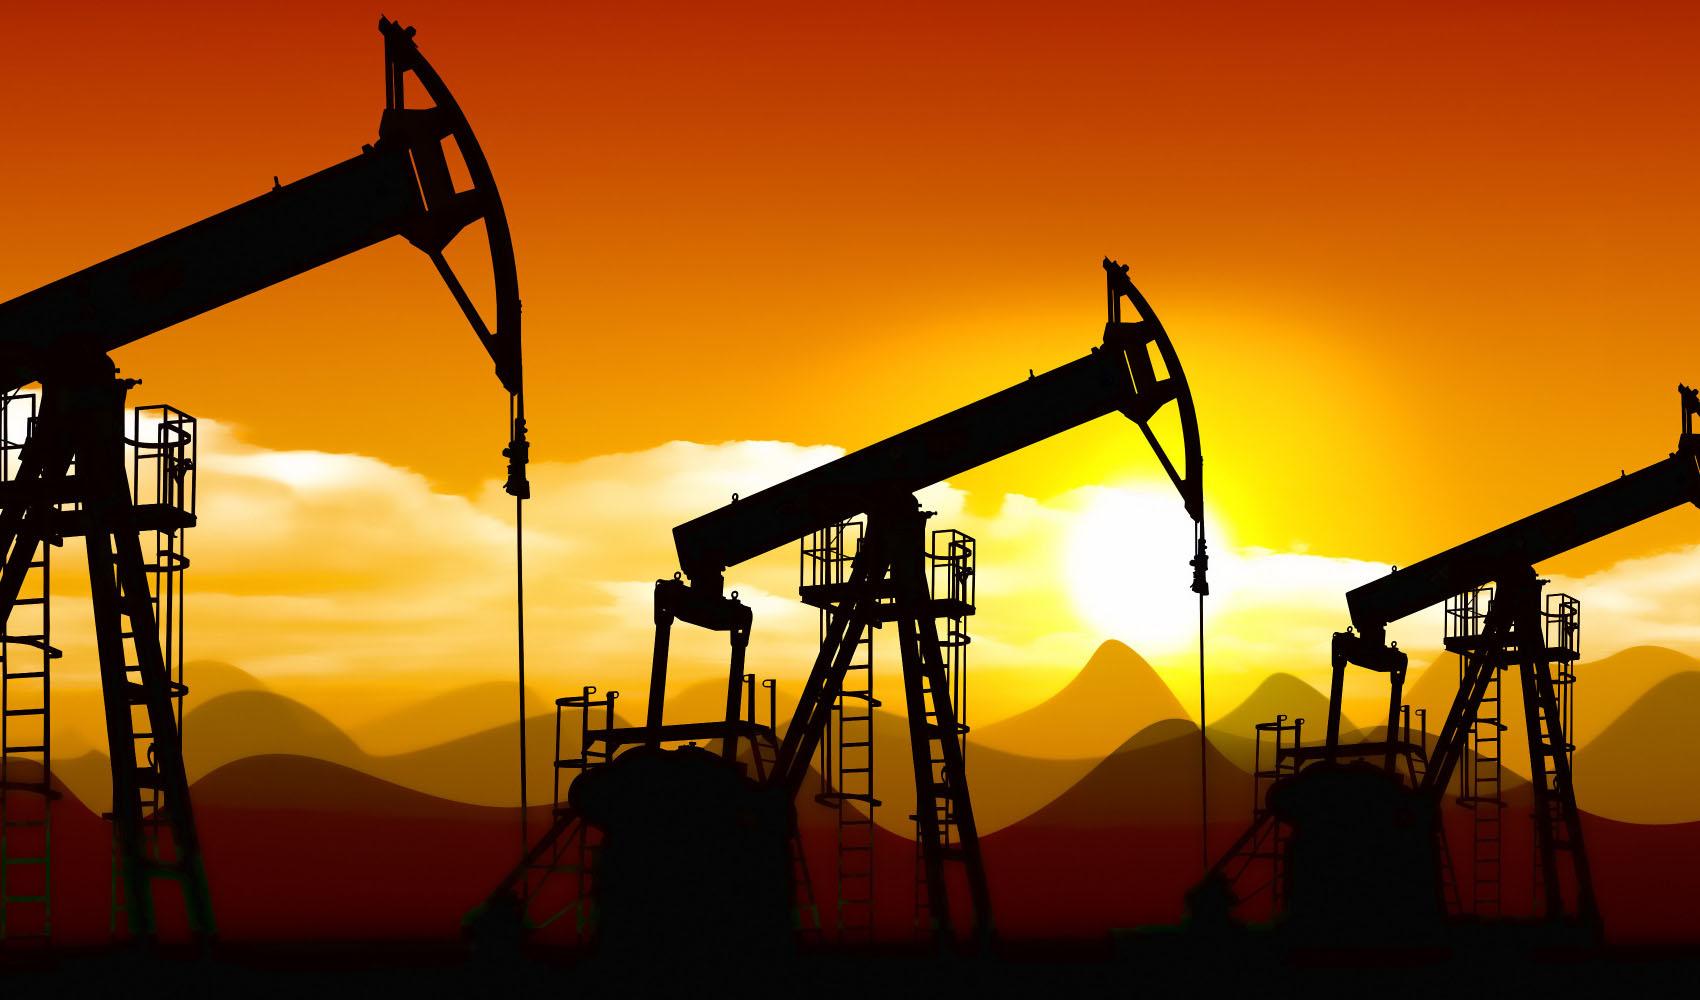 کشف ذخایر عظیم نفت شیل در بزرگترین میدان نفتی چین